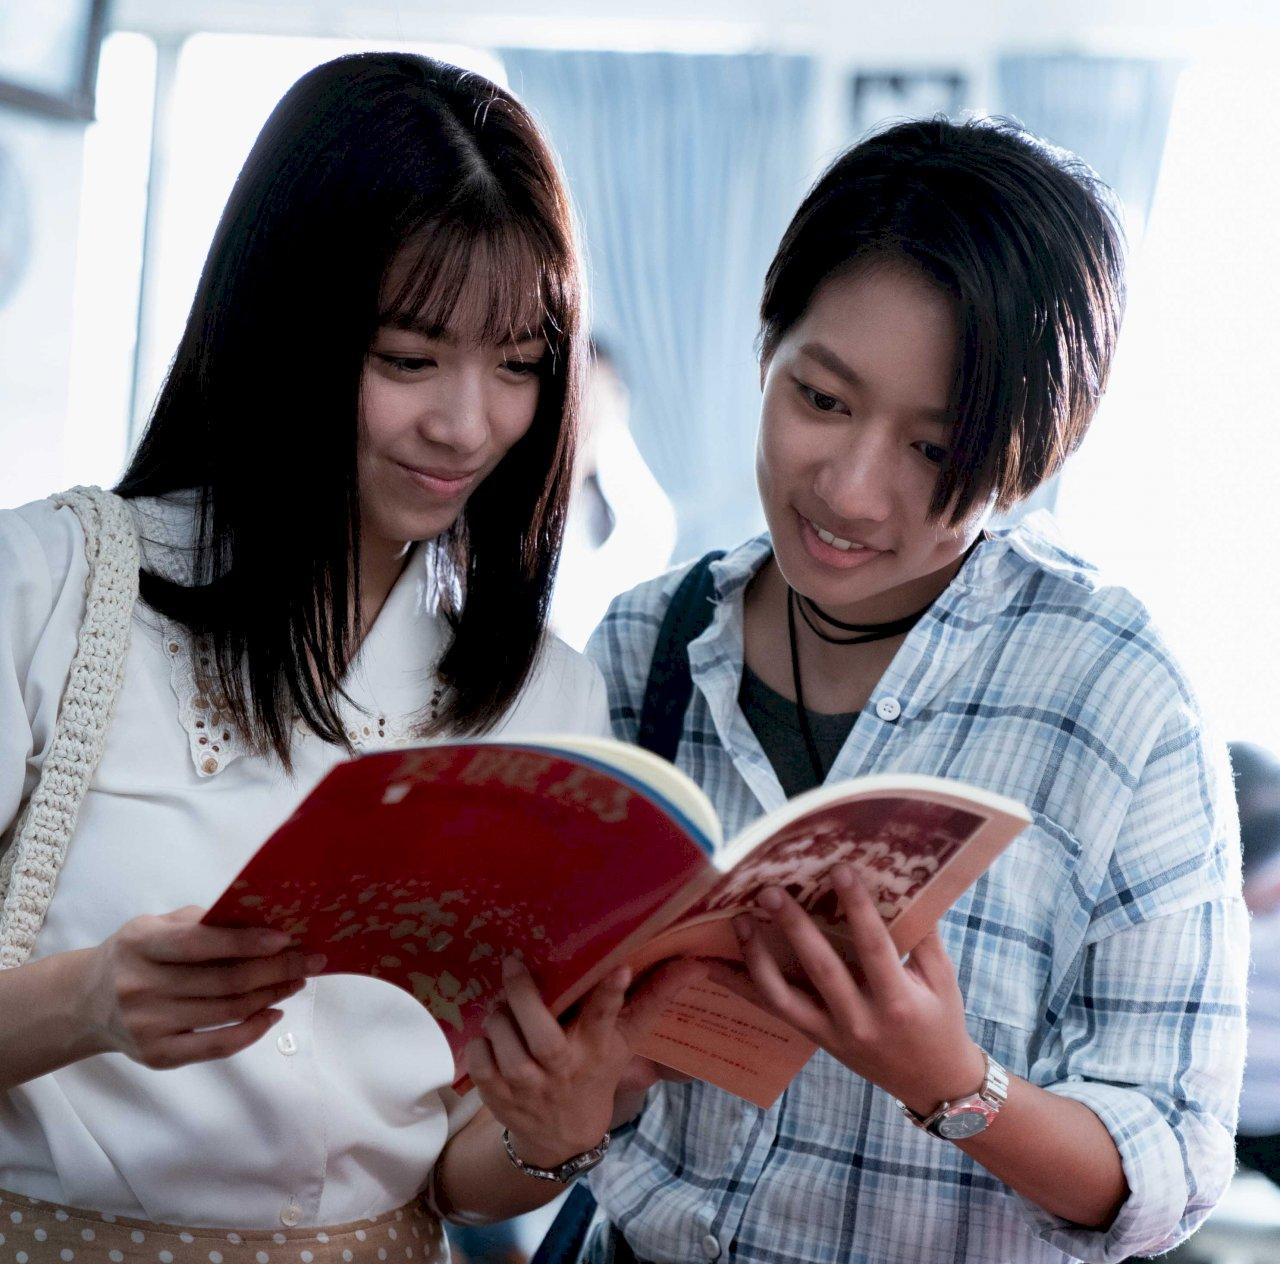 陳妤演公視台語台《芎蕉園的秘密》剪短髮與劉倩妏談情說愛